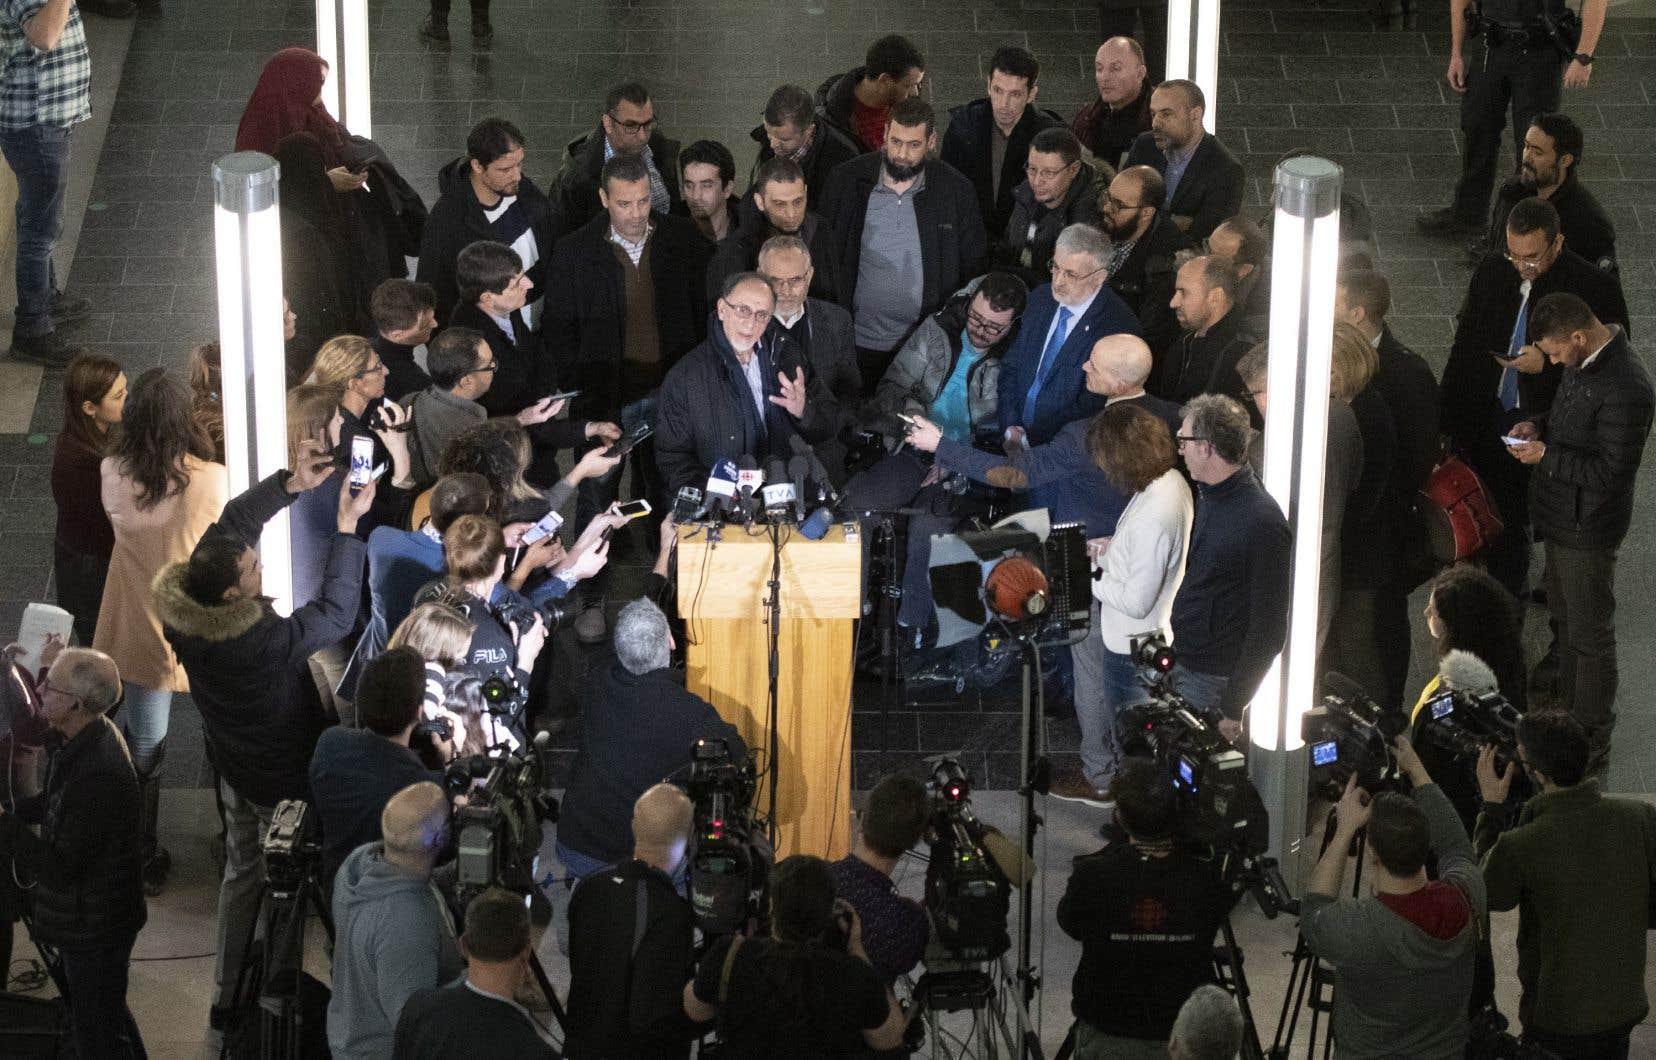 Le président du Centre culturel islamique de Québec, Boufeldja Benabdallah, entouré de victimes et de proches des victimes de la tuerie à la grande mosquée, a exprimé sa consternation et sa déception après l'annonce de la peine imposée à Alexandre Bissonnette.